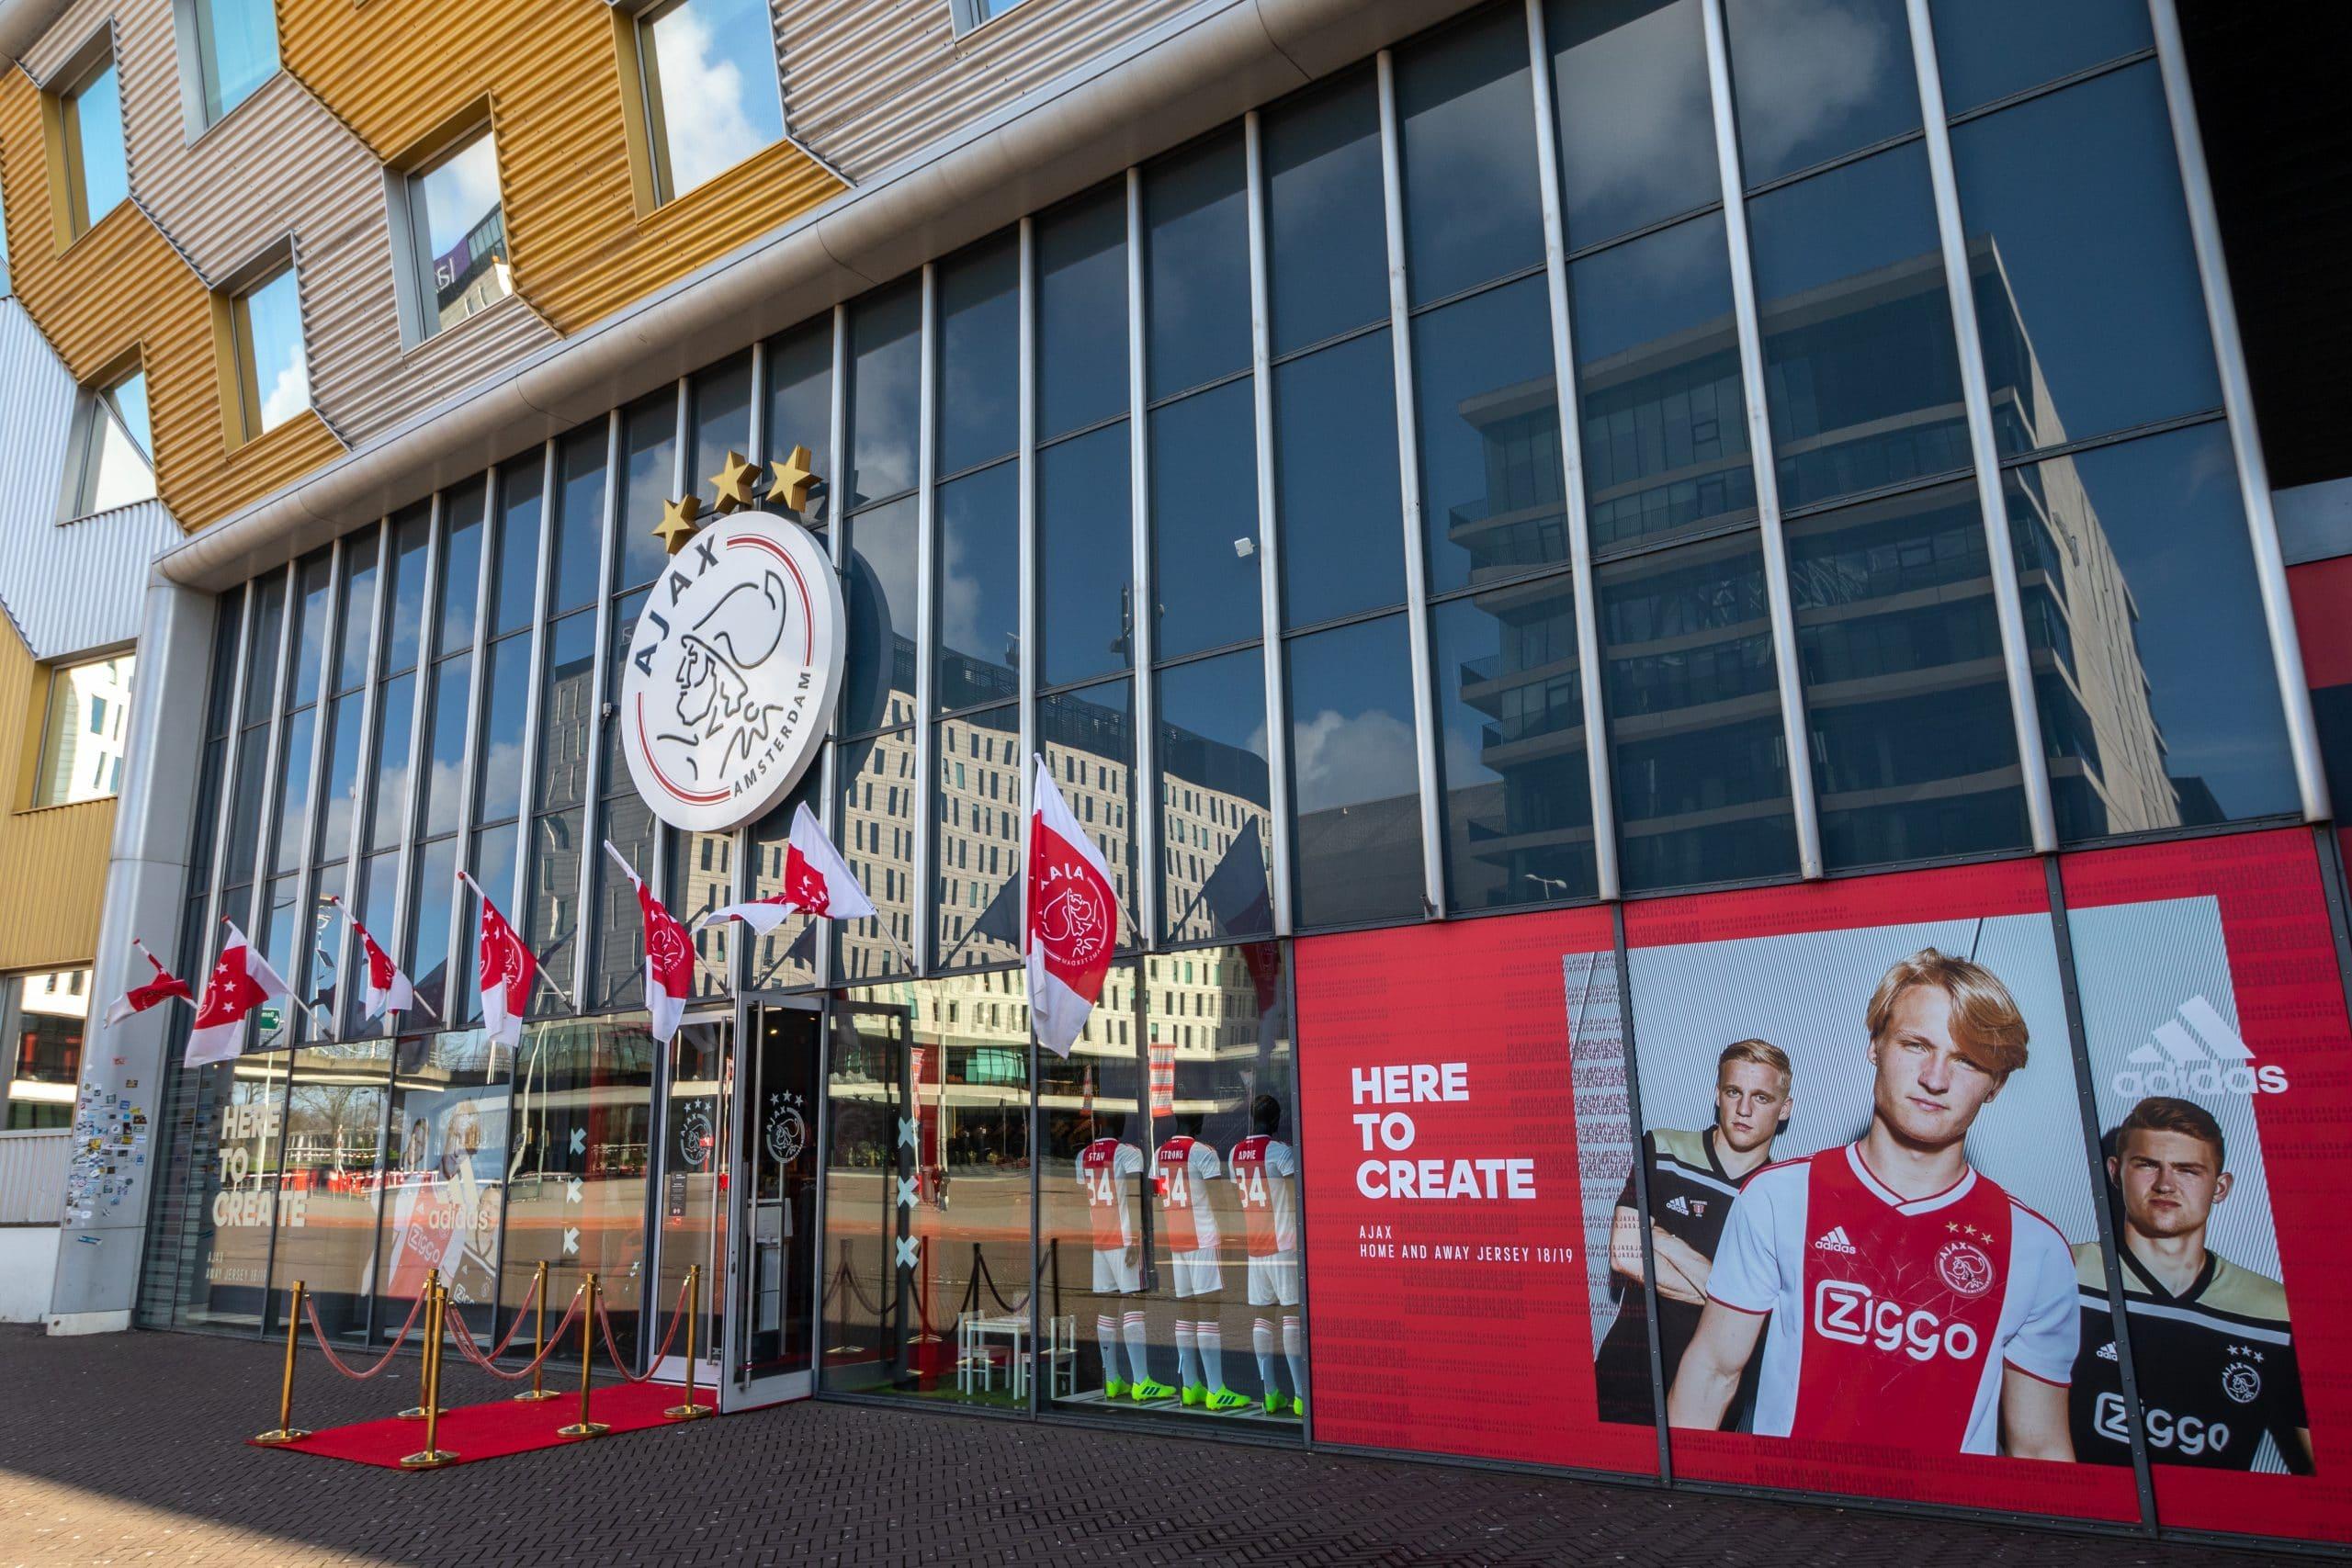 Ajax fanshop in de Johan Cruijff ArenA in Amsterdam